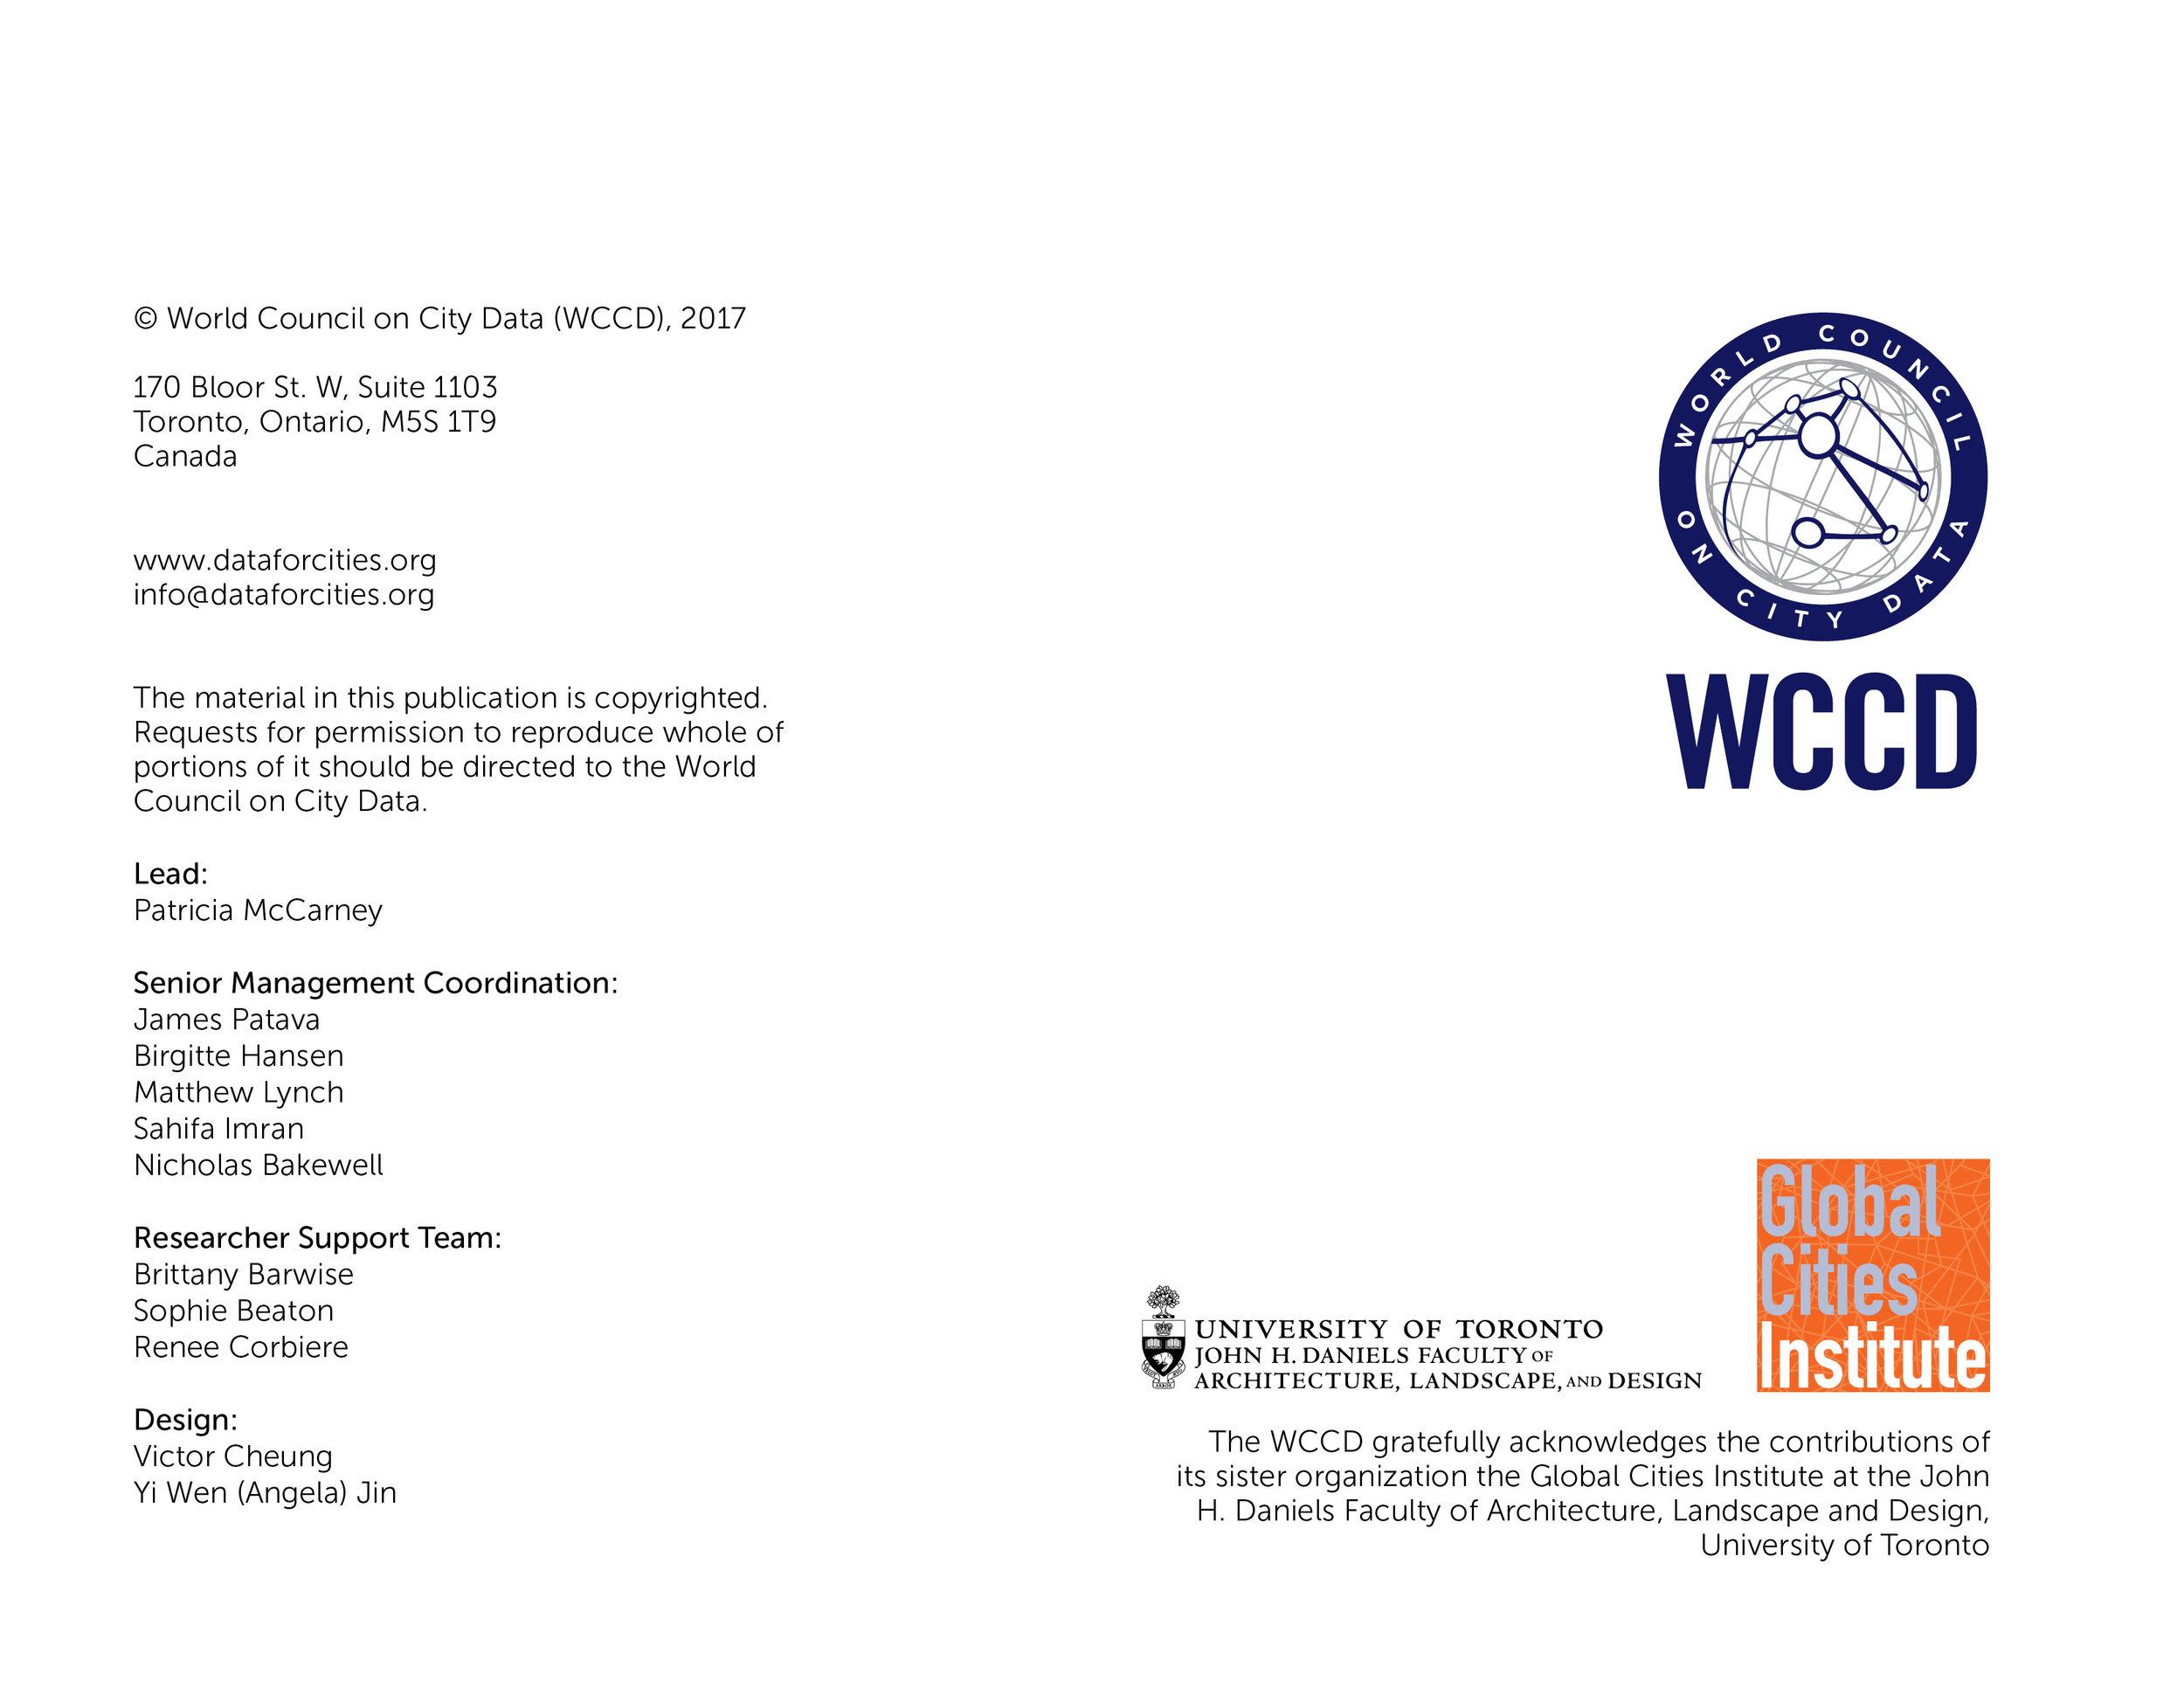 WCCD_SDG 2017 4.jpg